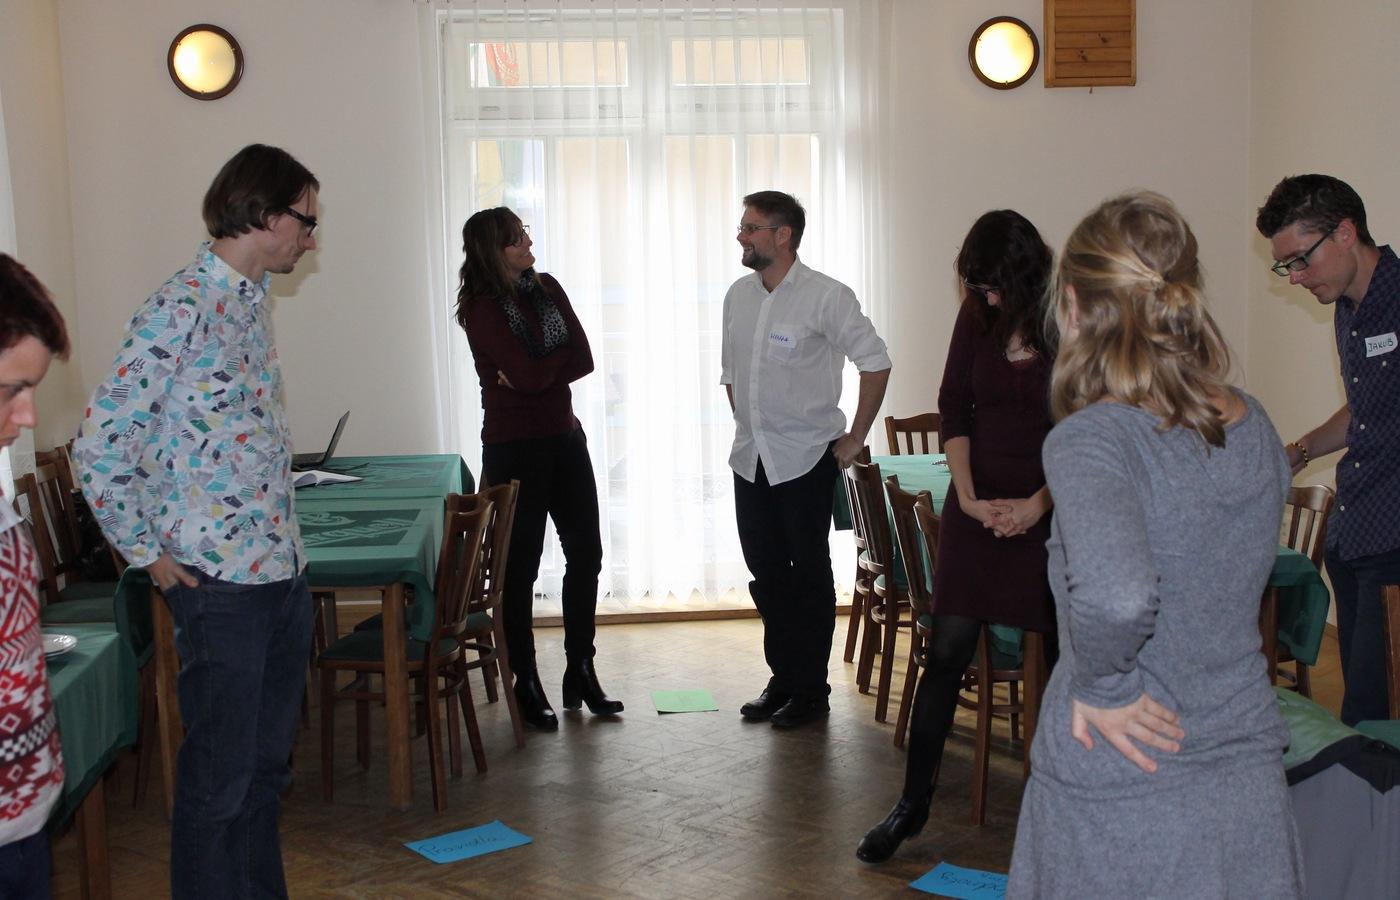 Skupinová aktivita na téma řešení krizových situací